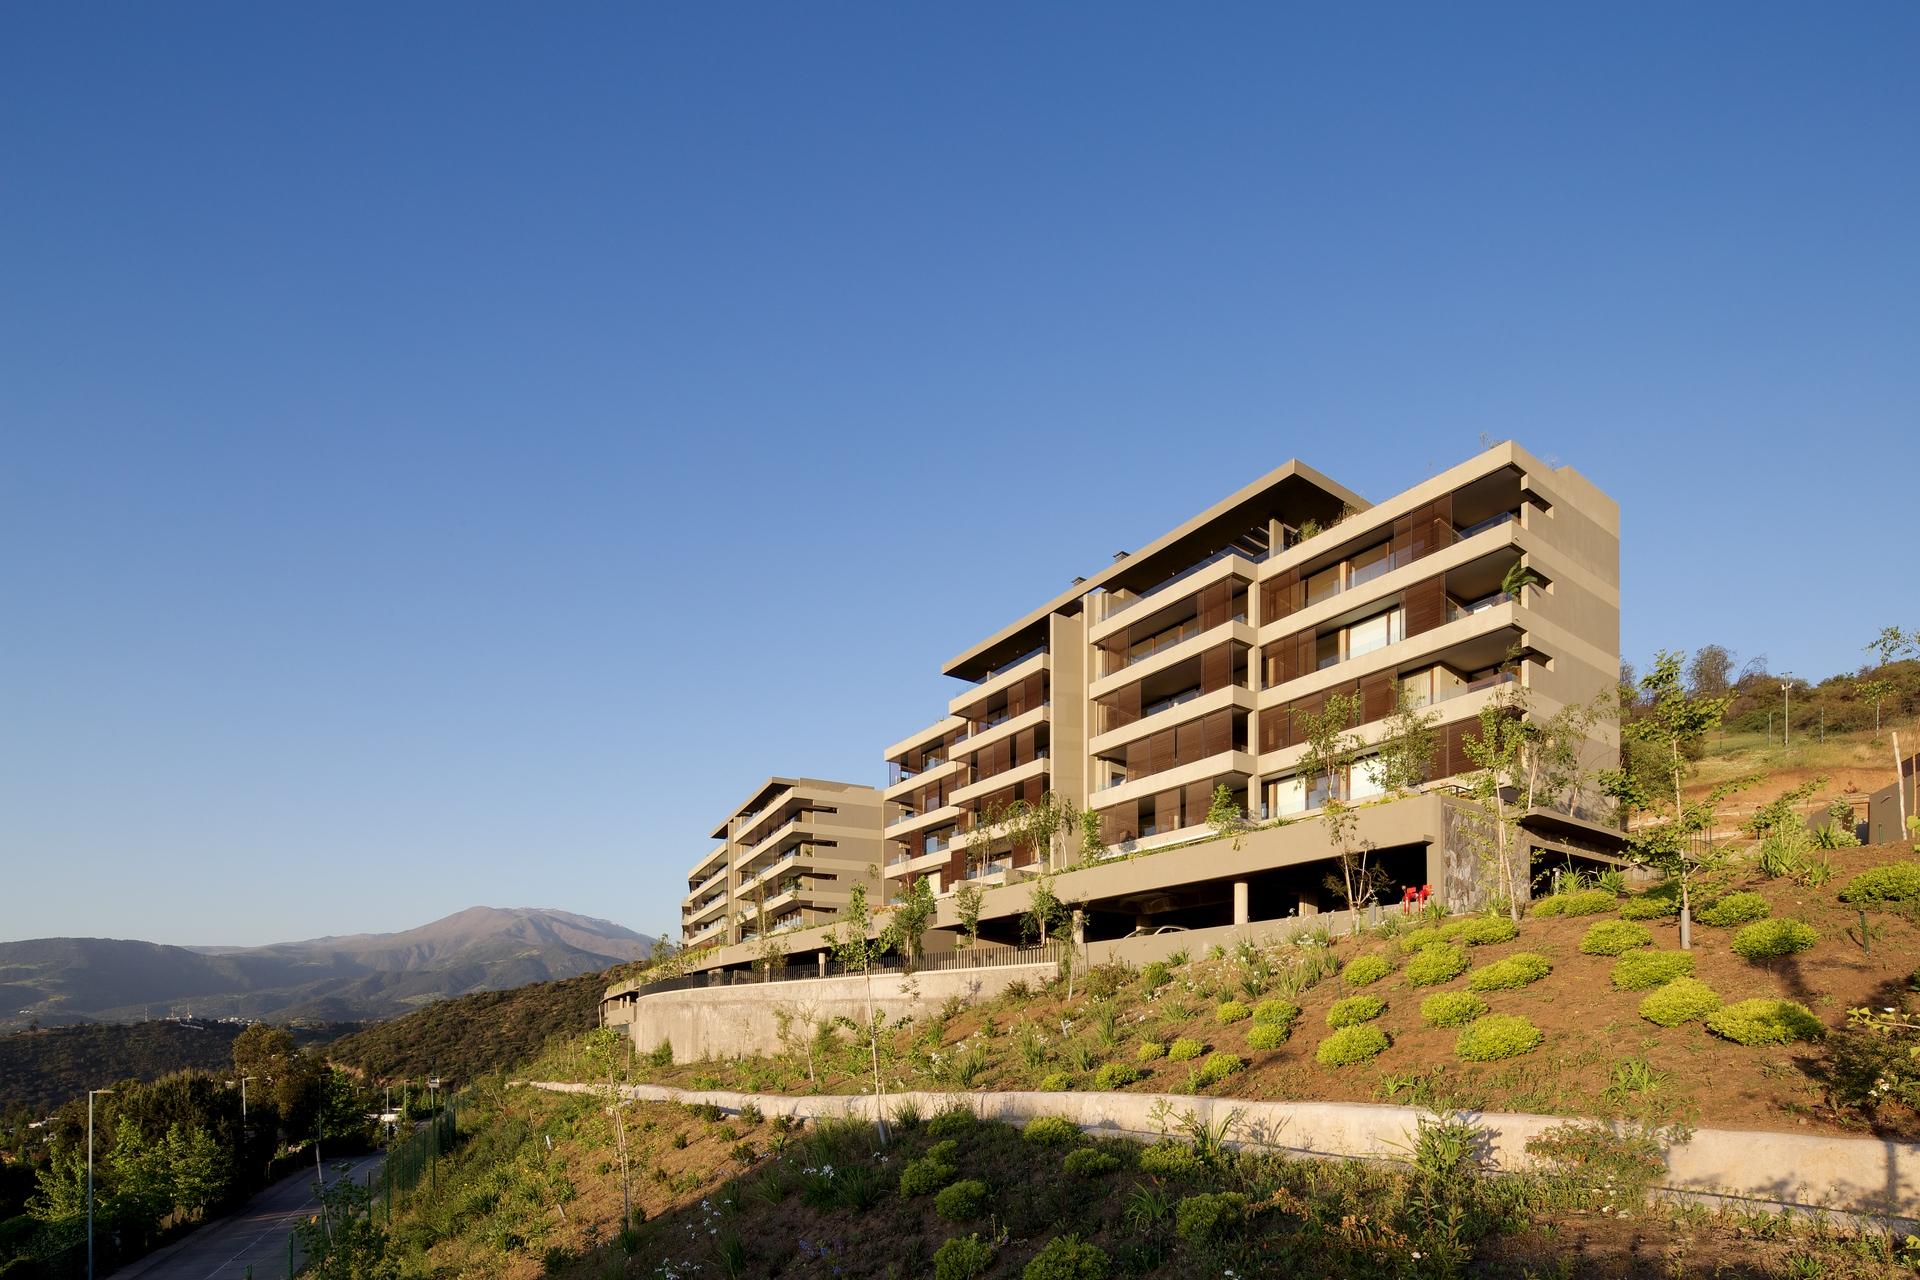 Edificio Quinchamalí de los Andes